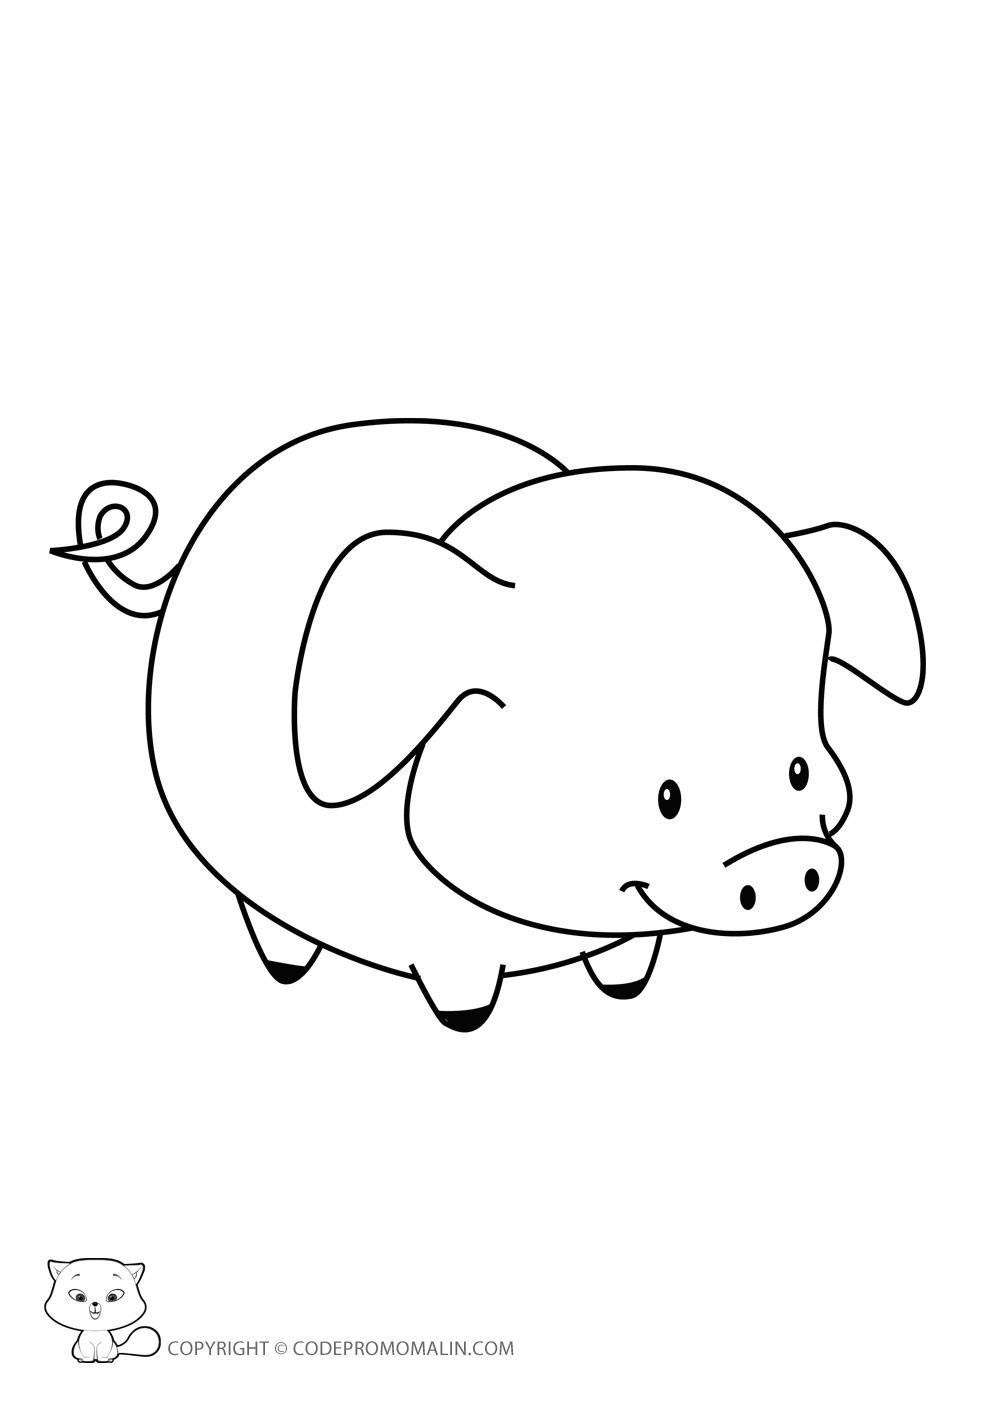 Dessin Un Petit Cochon Pendu Au Plafond intérieur Dessin Cochon A Colorier